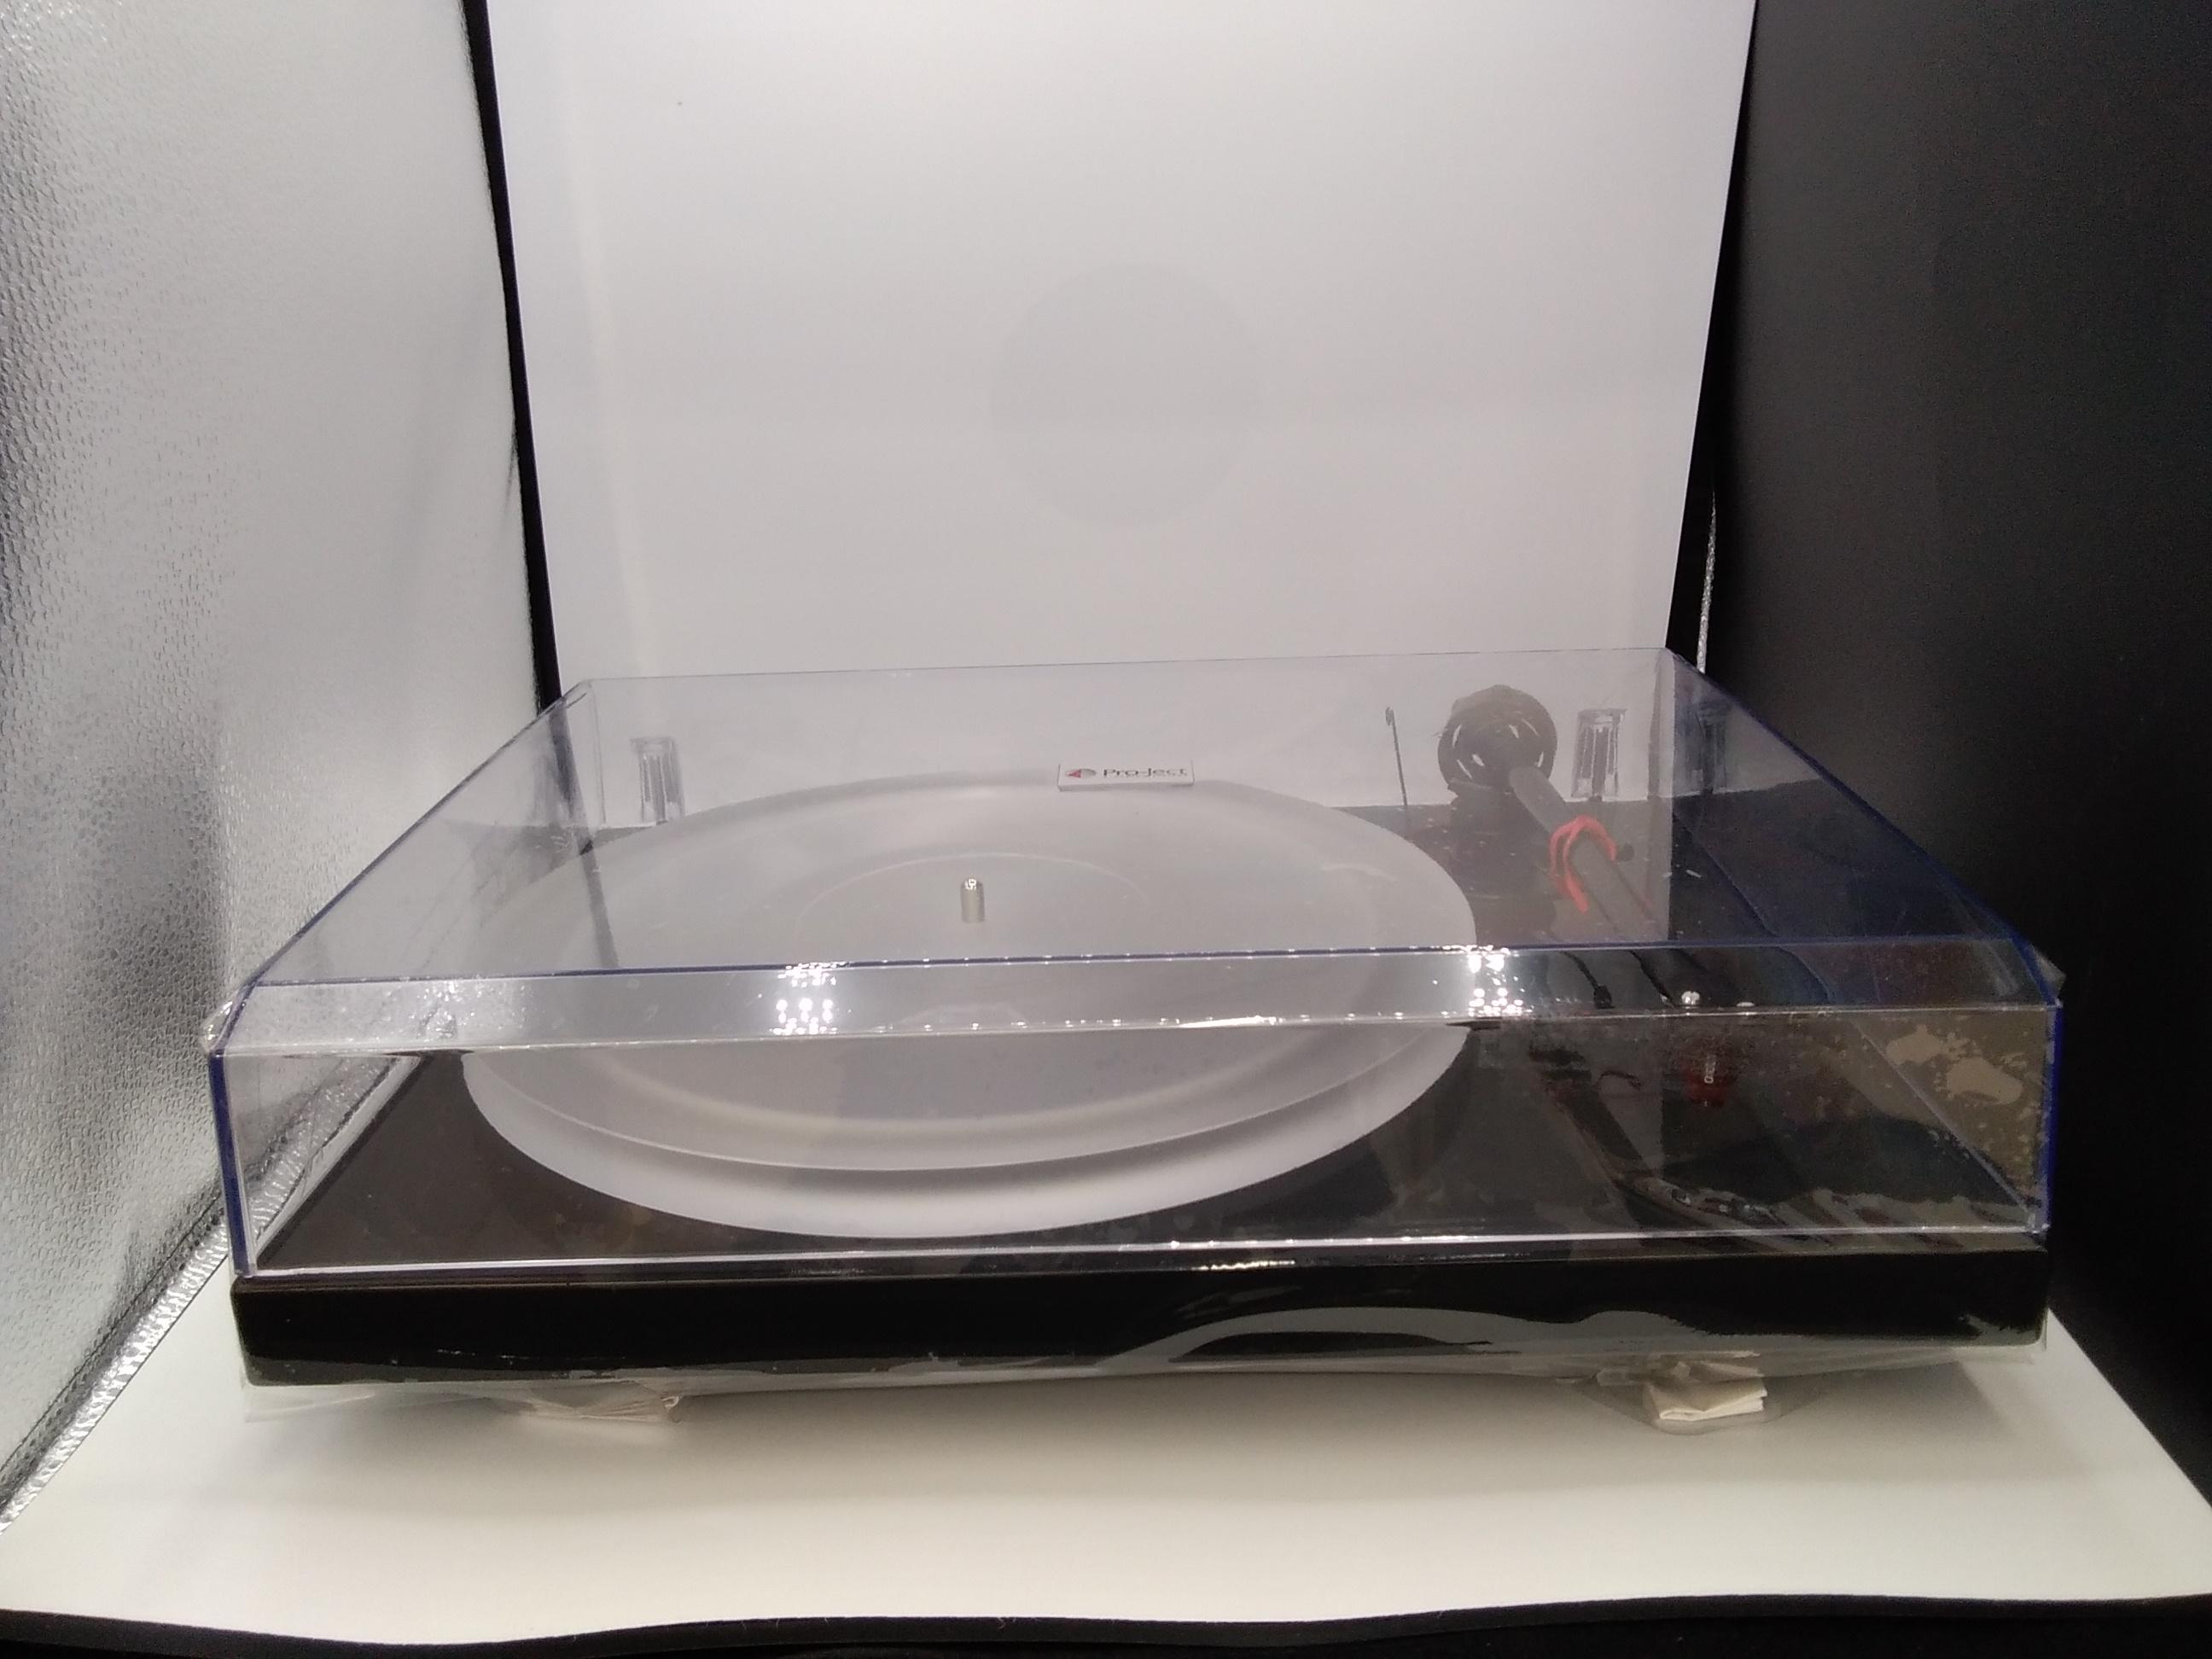 (新品商品)ターンテーブル 1-XPRESSION Ⅲ PRO-JECT